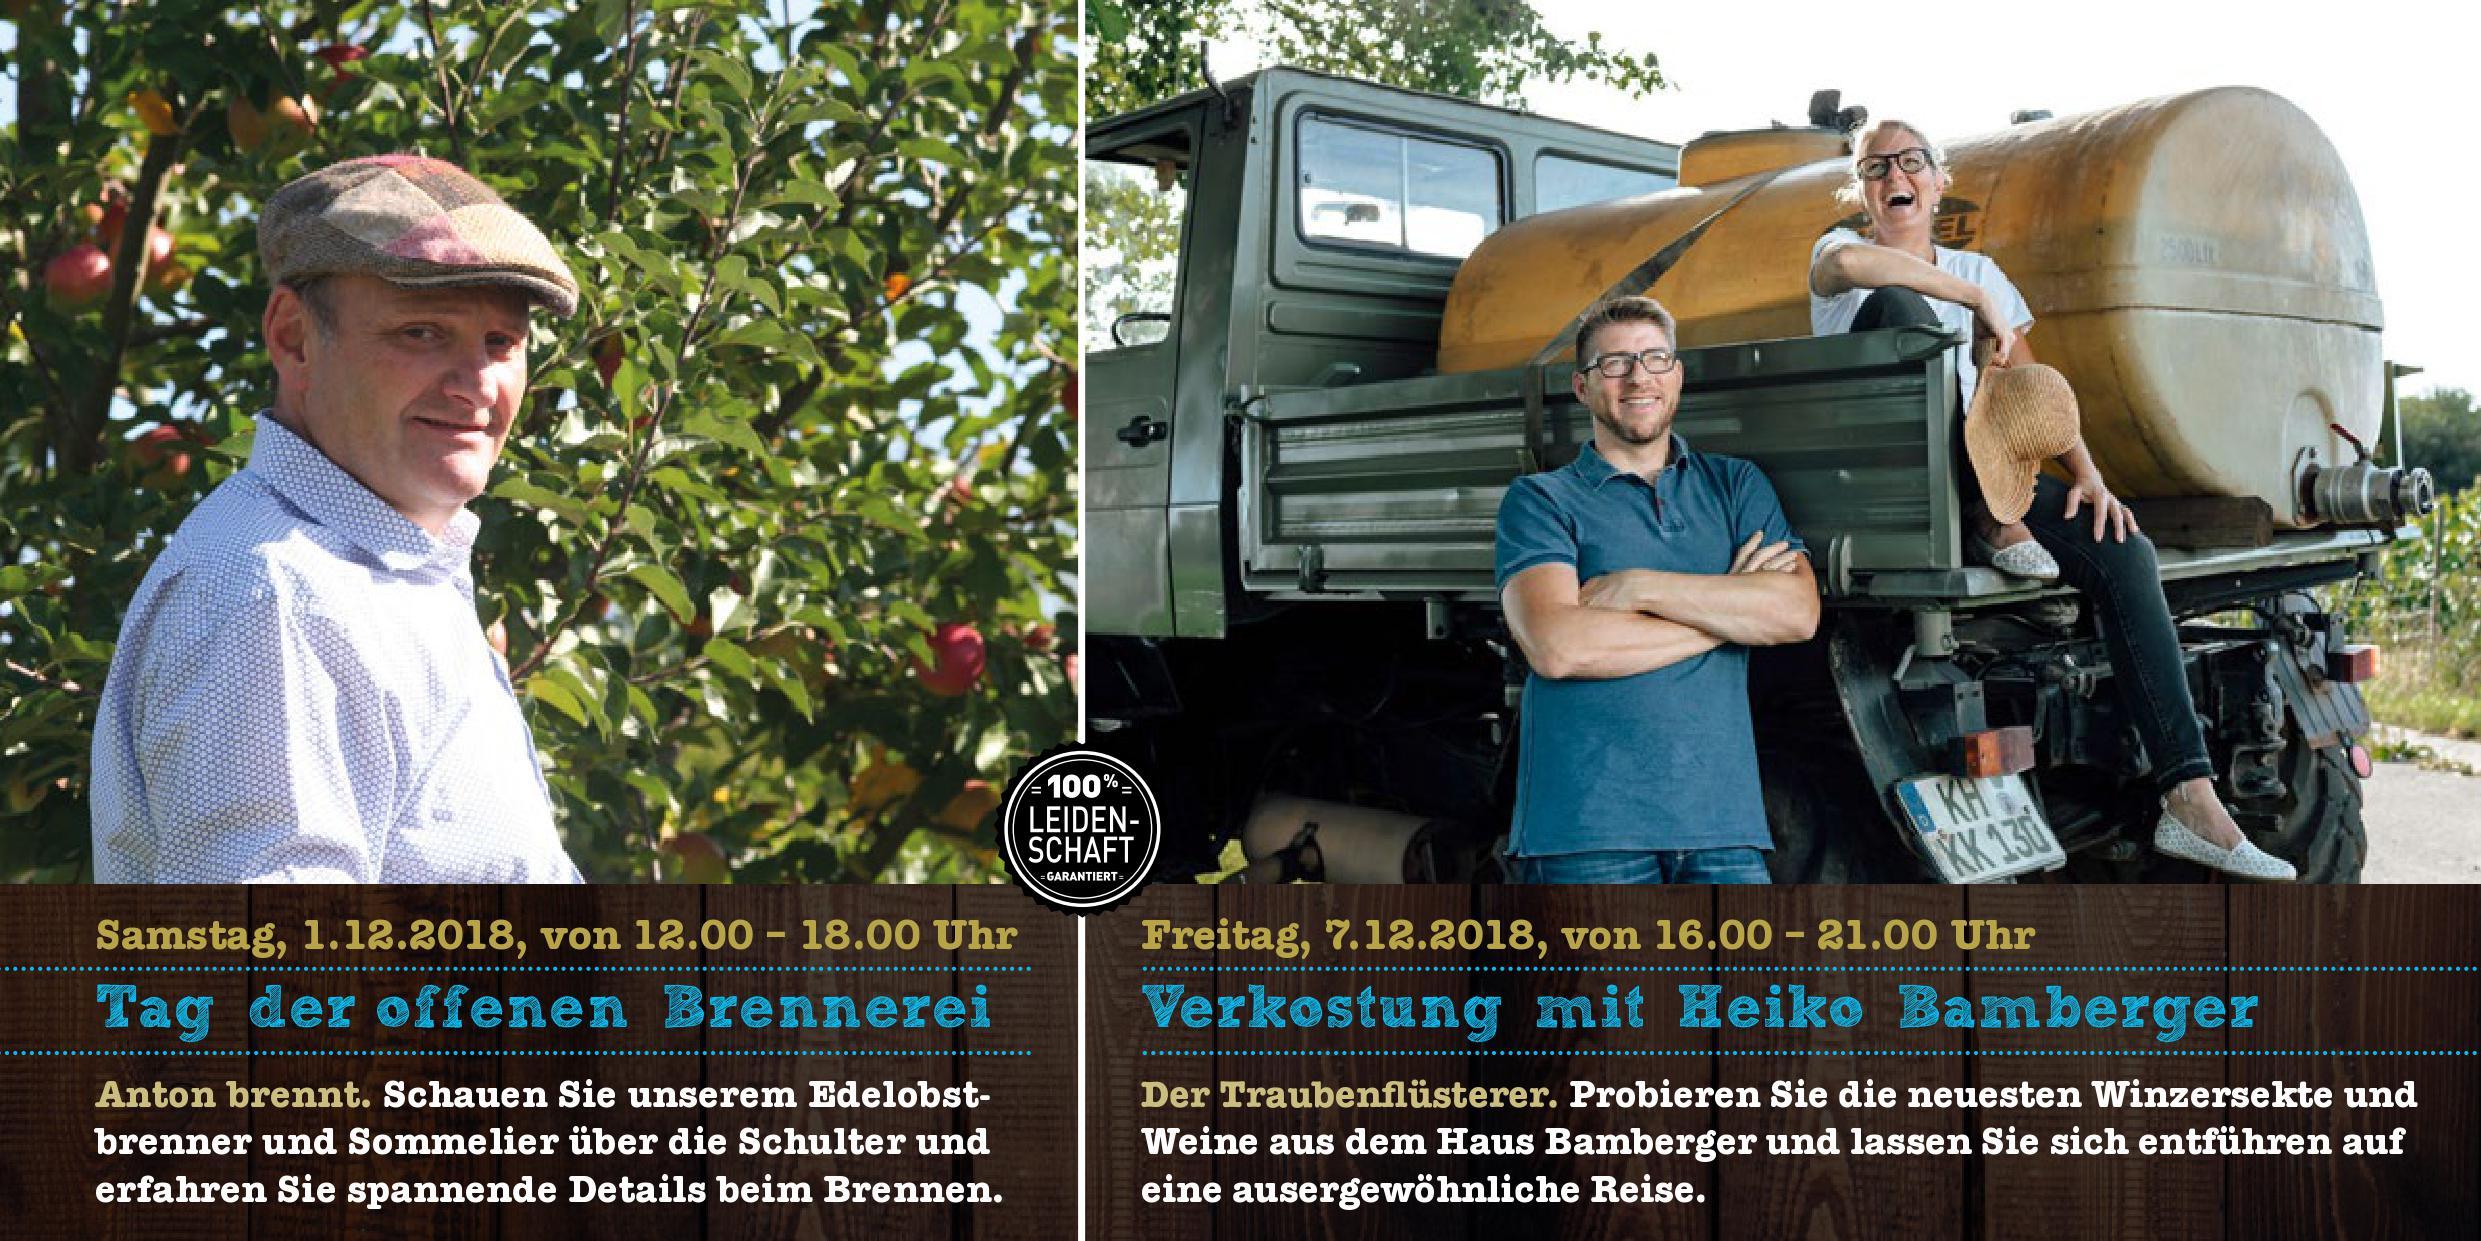 Tag der offenen Brennerei / Weinverkostung mit Heiko Bamberger